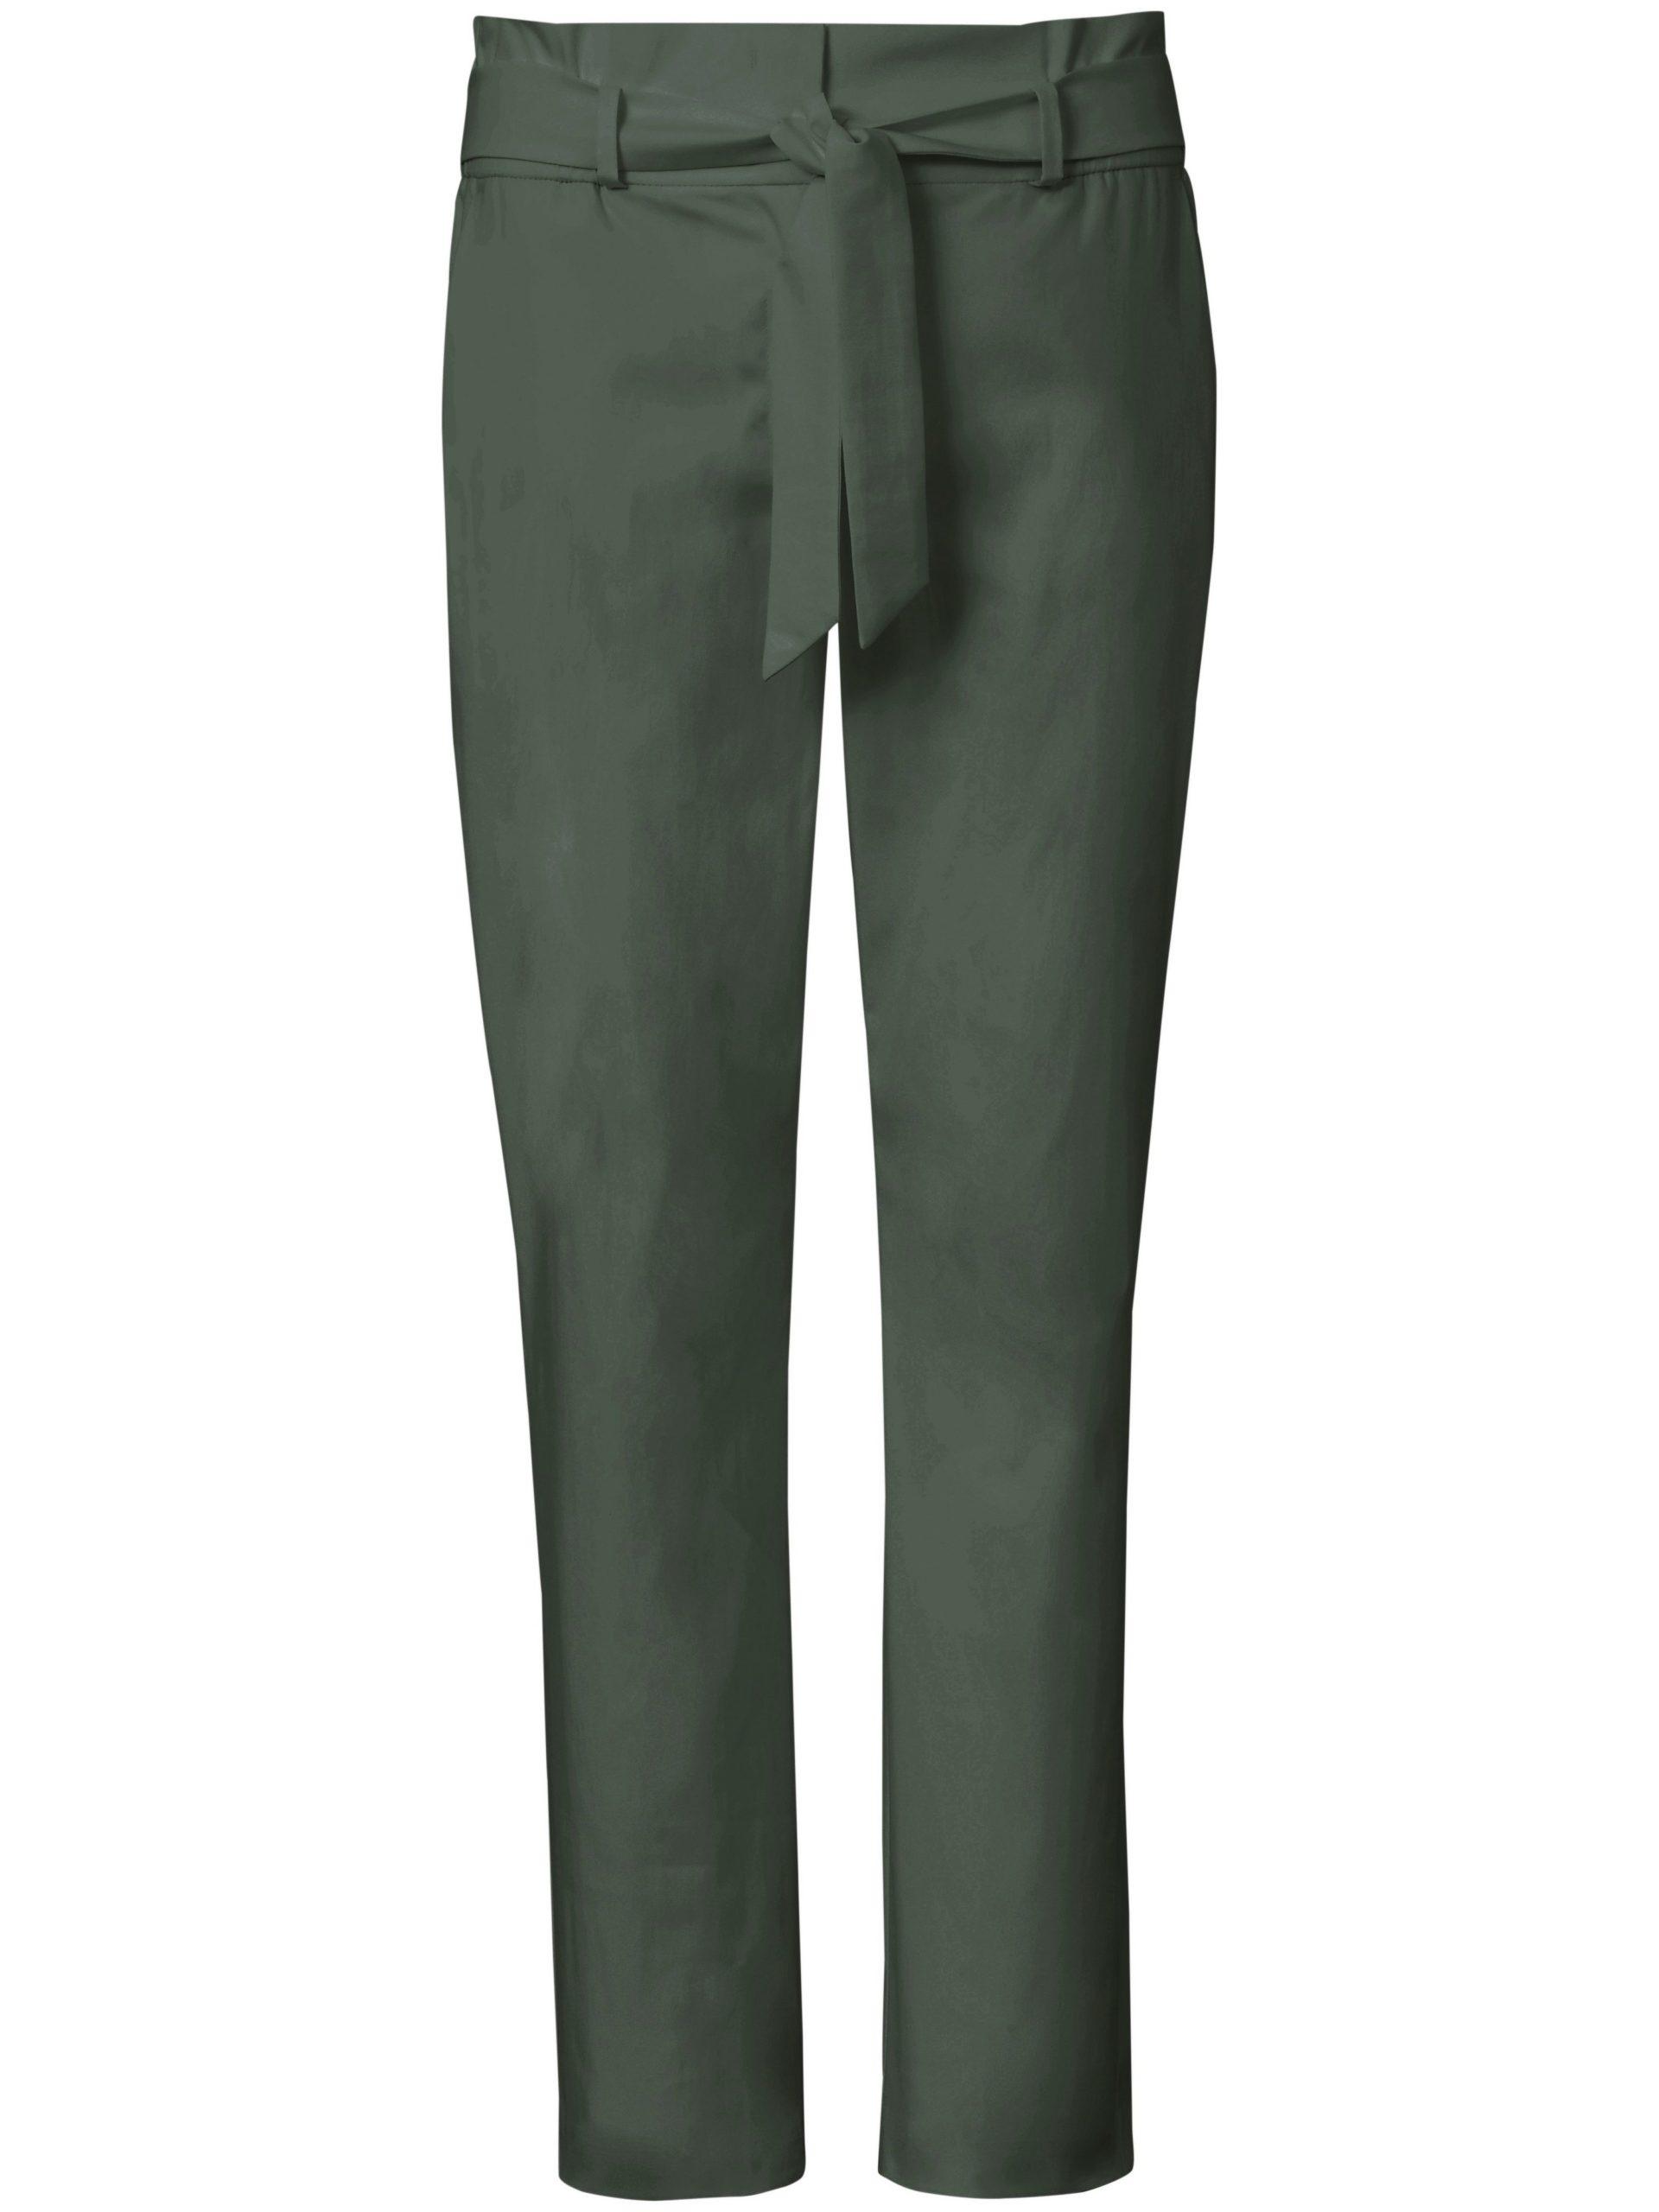 Enkellange broek pasvorm Cornelia in paperbagstijl Van Peter Hahn groen Kopen